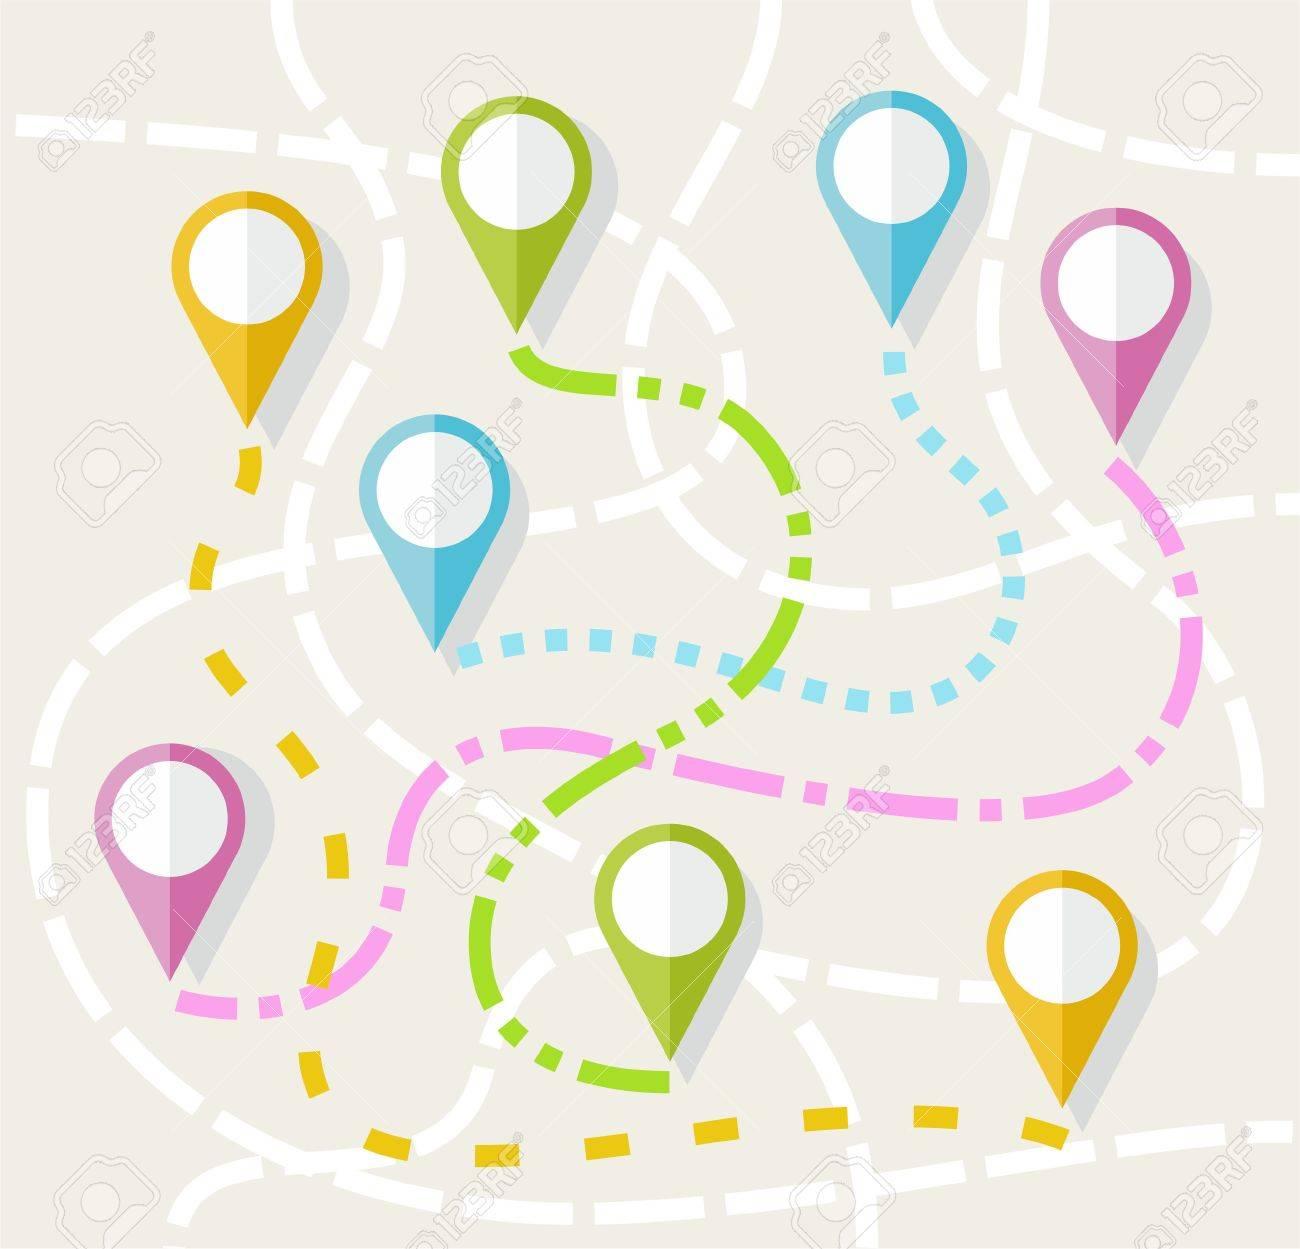 Mapa Ruta La Direccion La Ruta La Navegacion El Color Plana